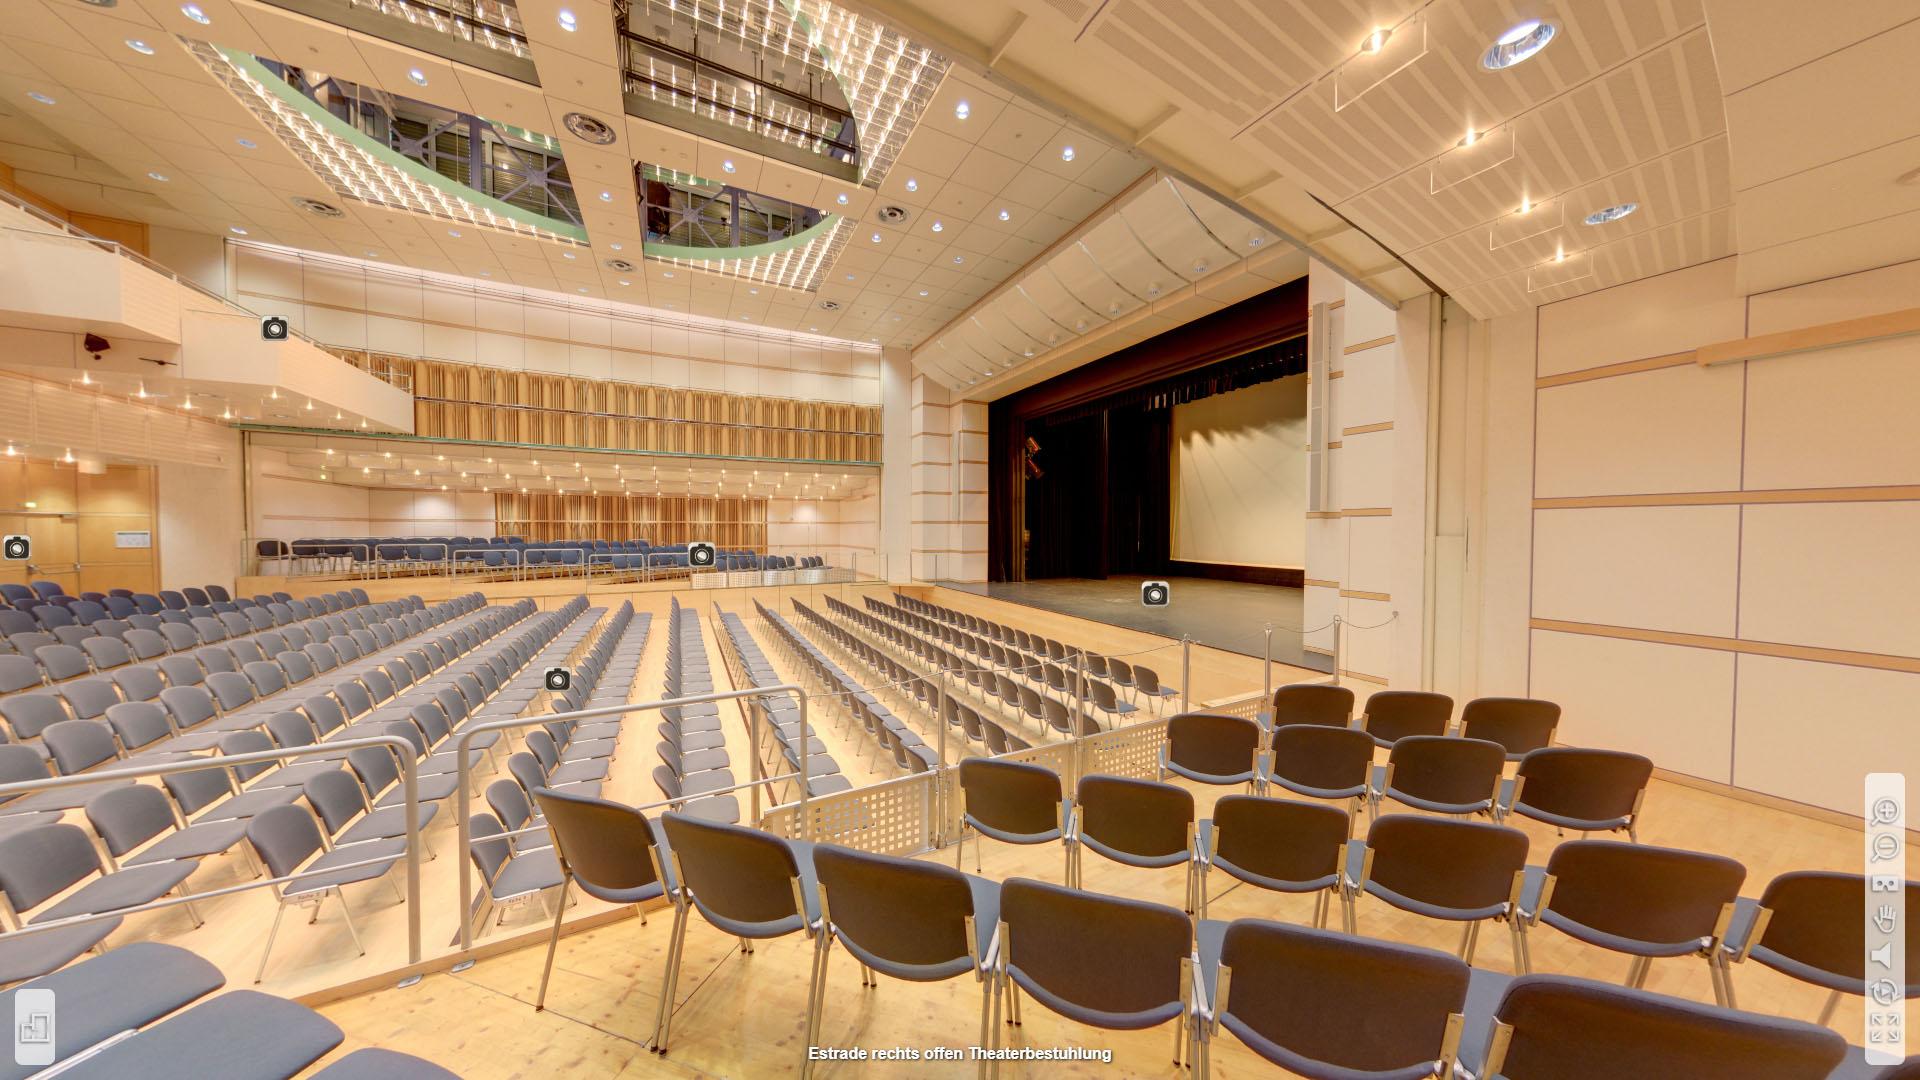 Lorzensaal Cham Estrade rechts offen Theaterbestuhlung